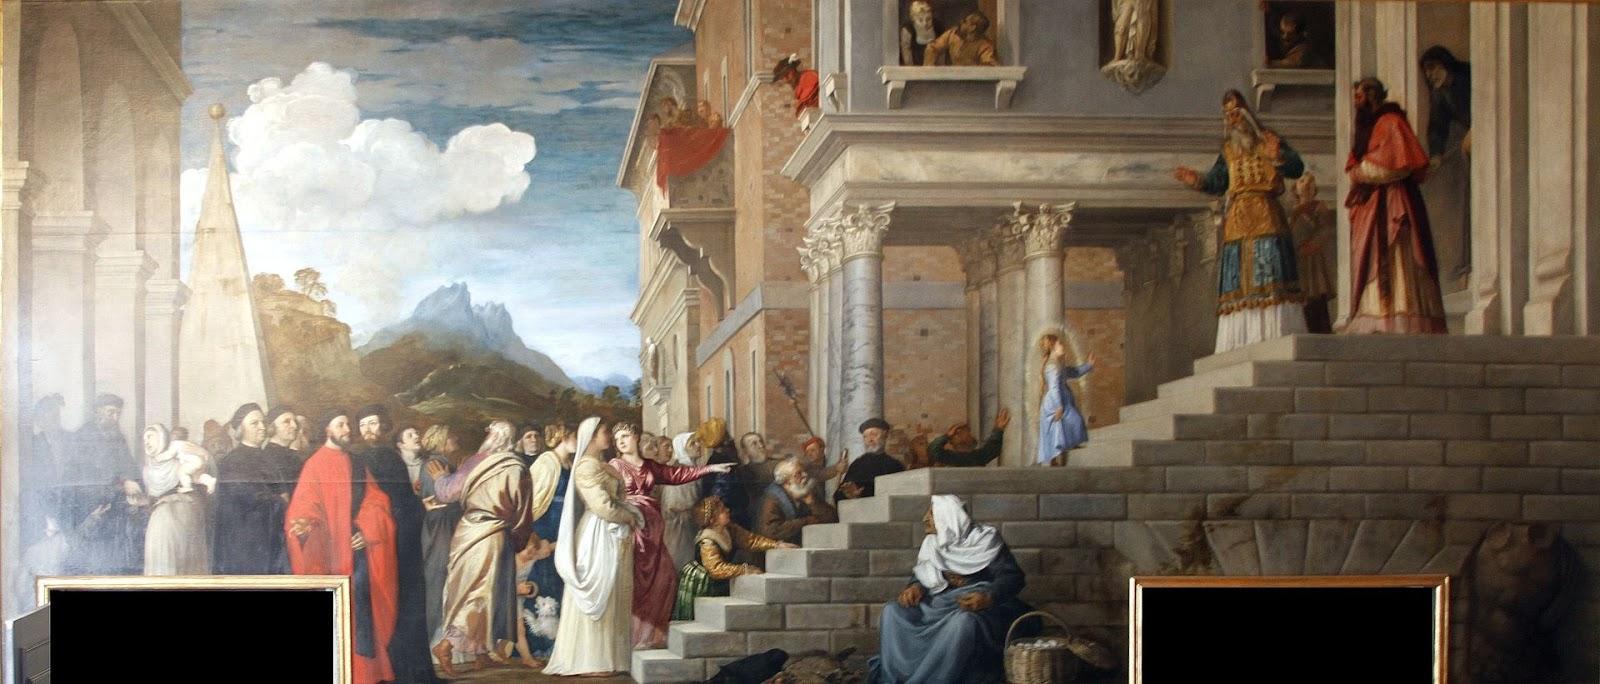 Tiziano, The Presentation of the Virgin at the Temple, 1534-1538, Venice,  Gallerie dell'Accademia Source: José Luiz via Wikimedia Commons